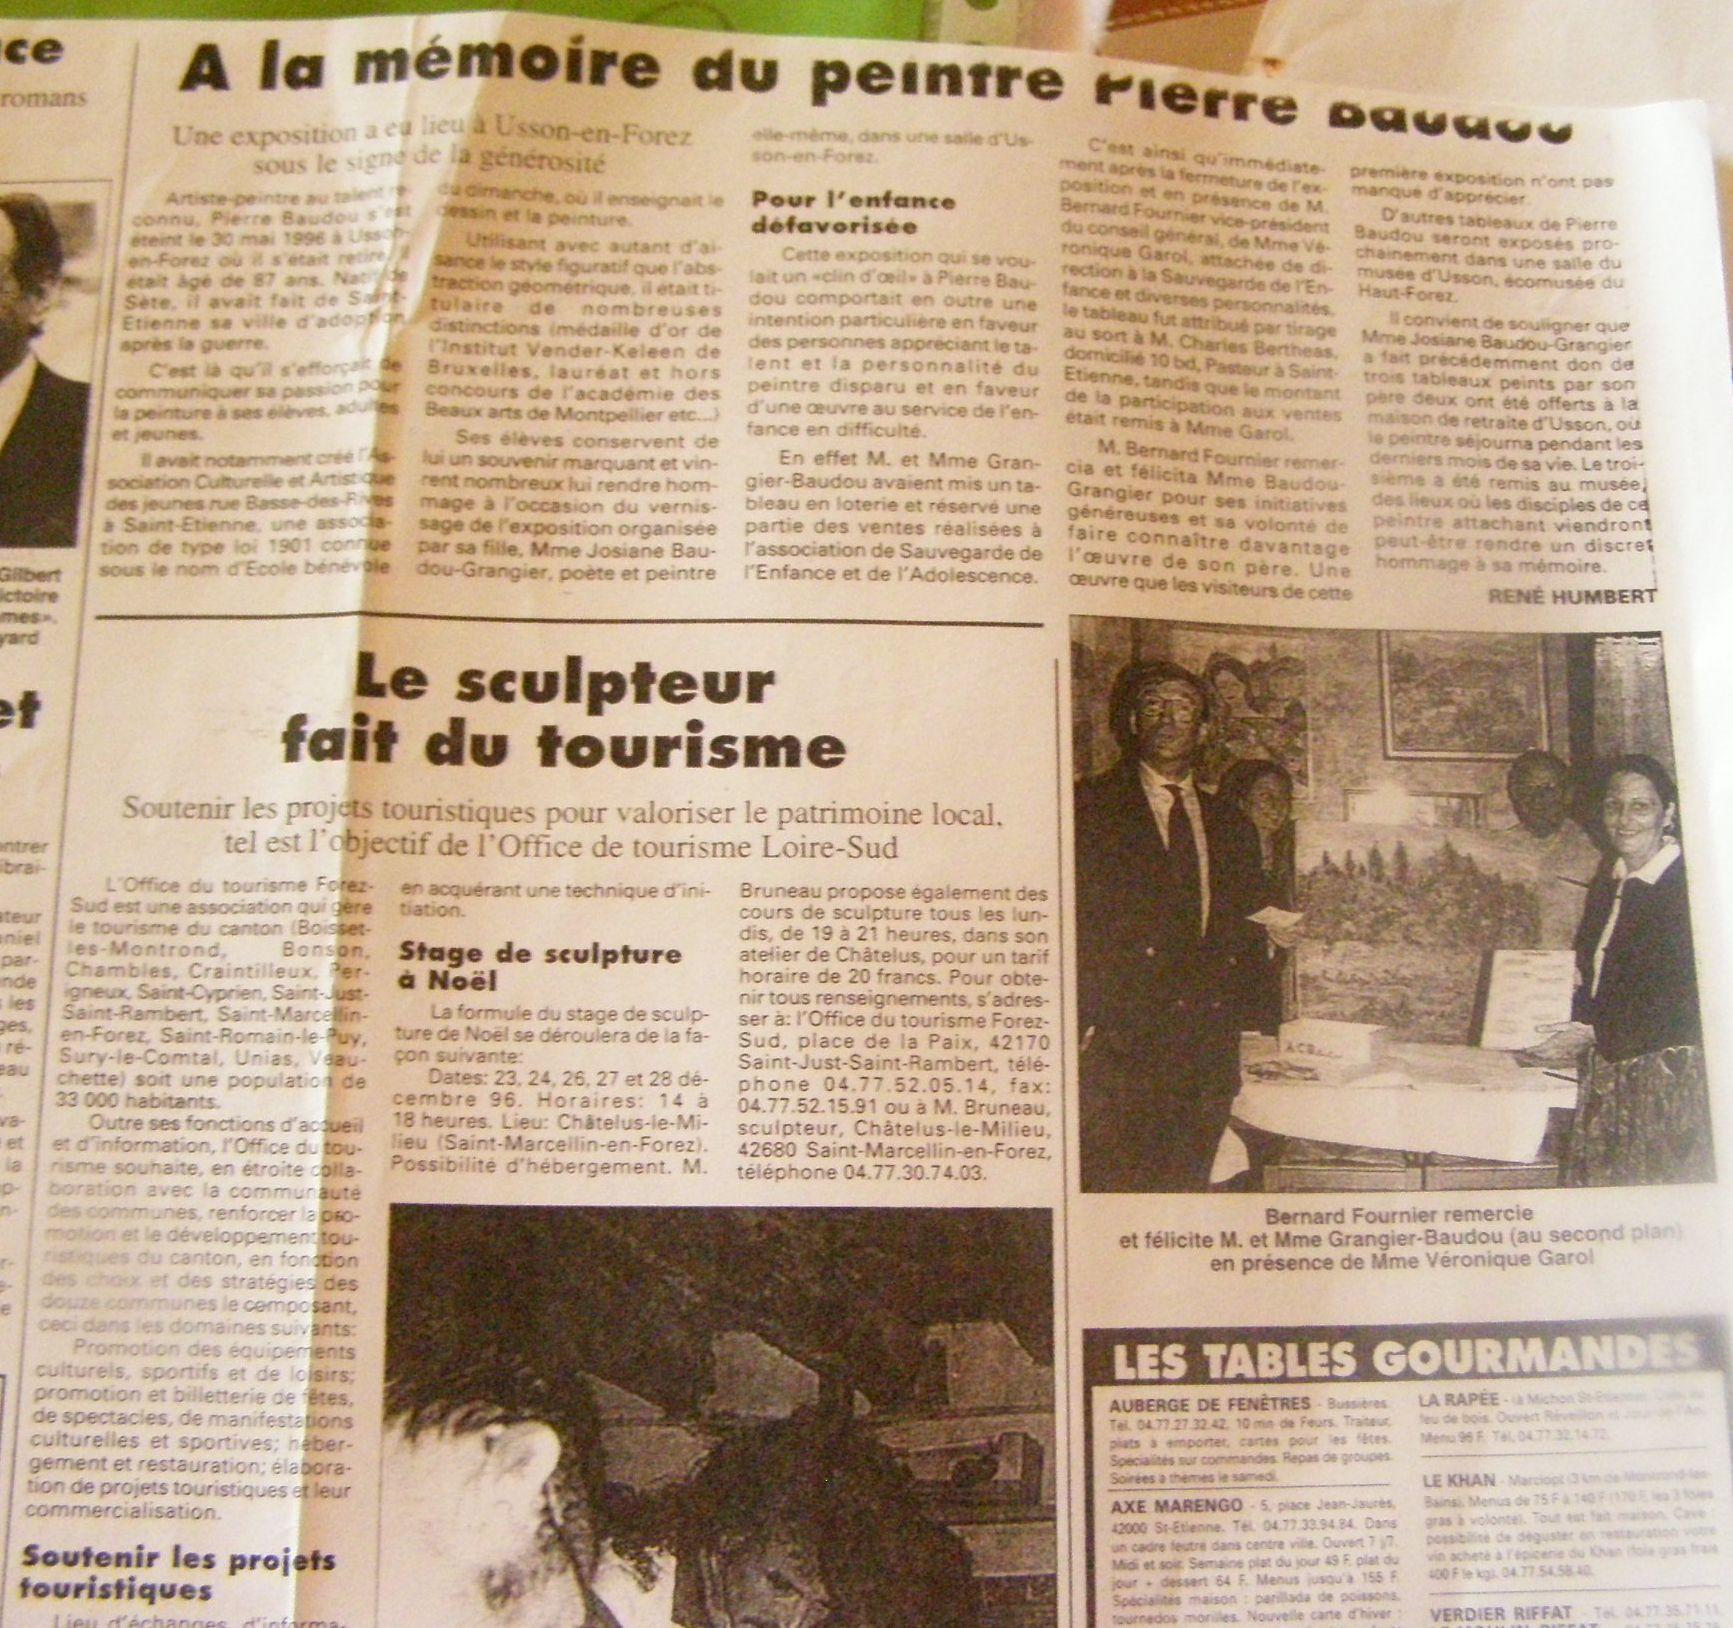 1996 usson en forez (2).JPG